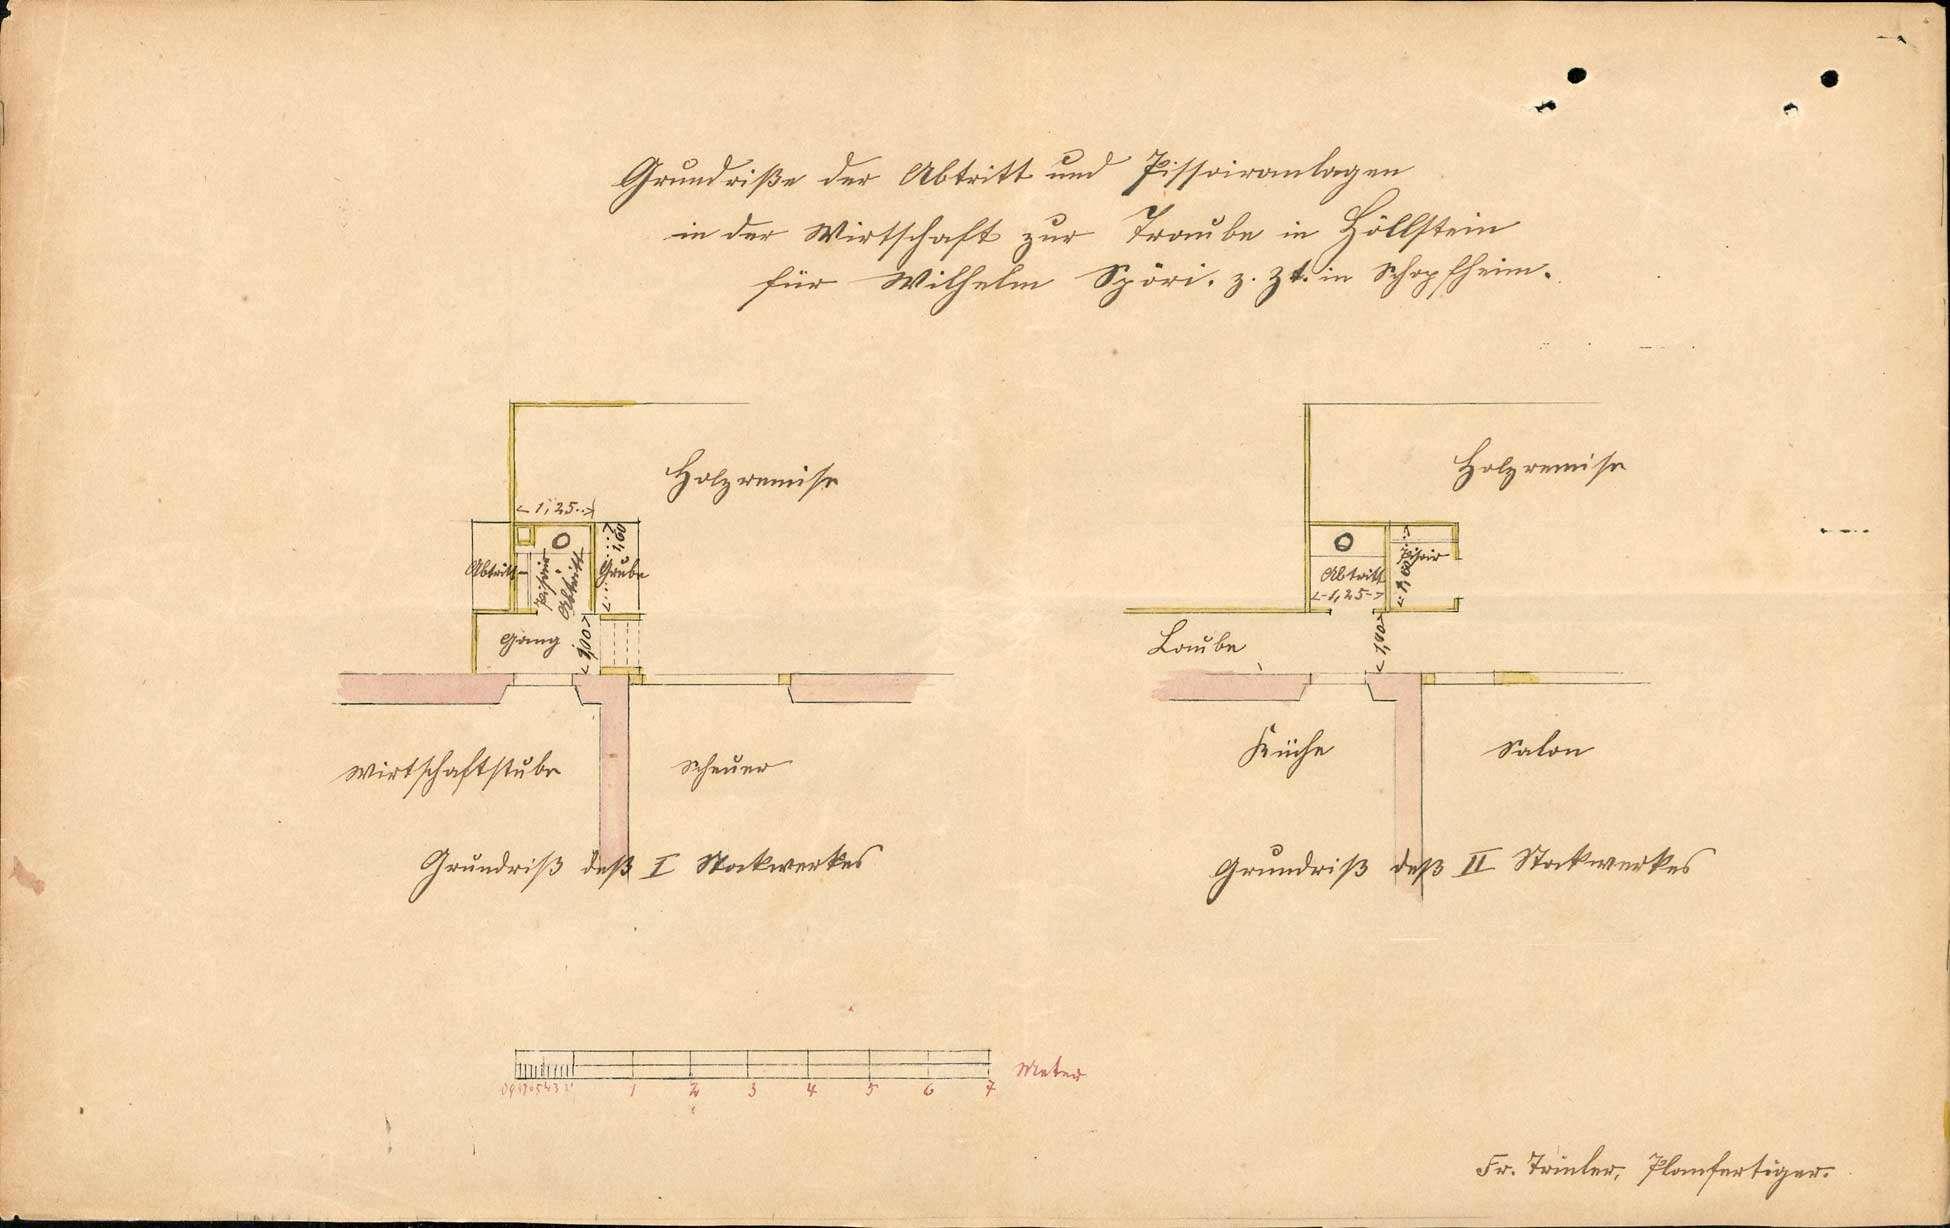 Verleihung der Wirtschaftskonzession für das Gasthaus Zur Traube in Höllstein, Bild 3